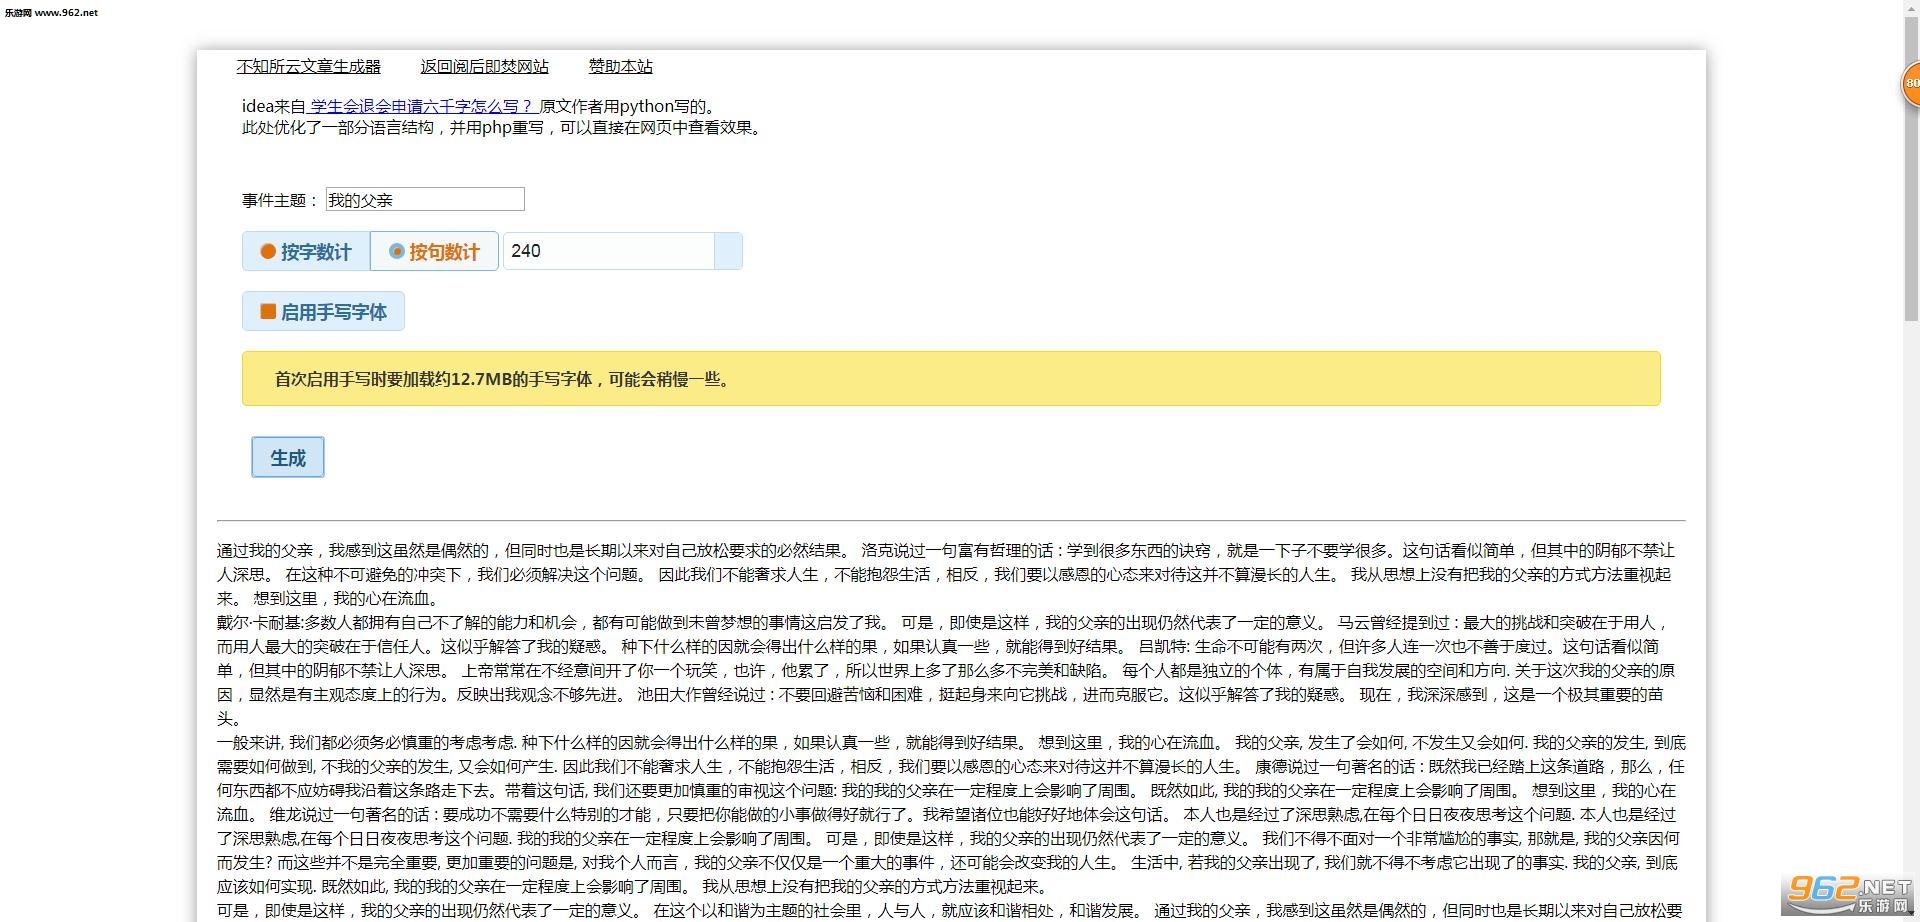 不知所云生成器v1.0 网页版_截图0